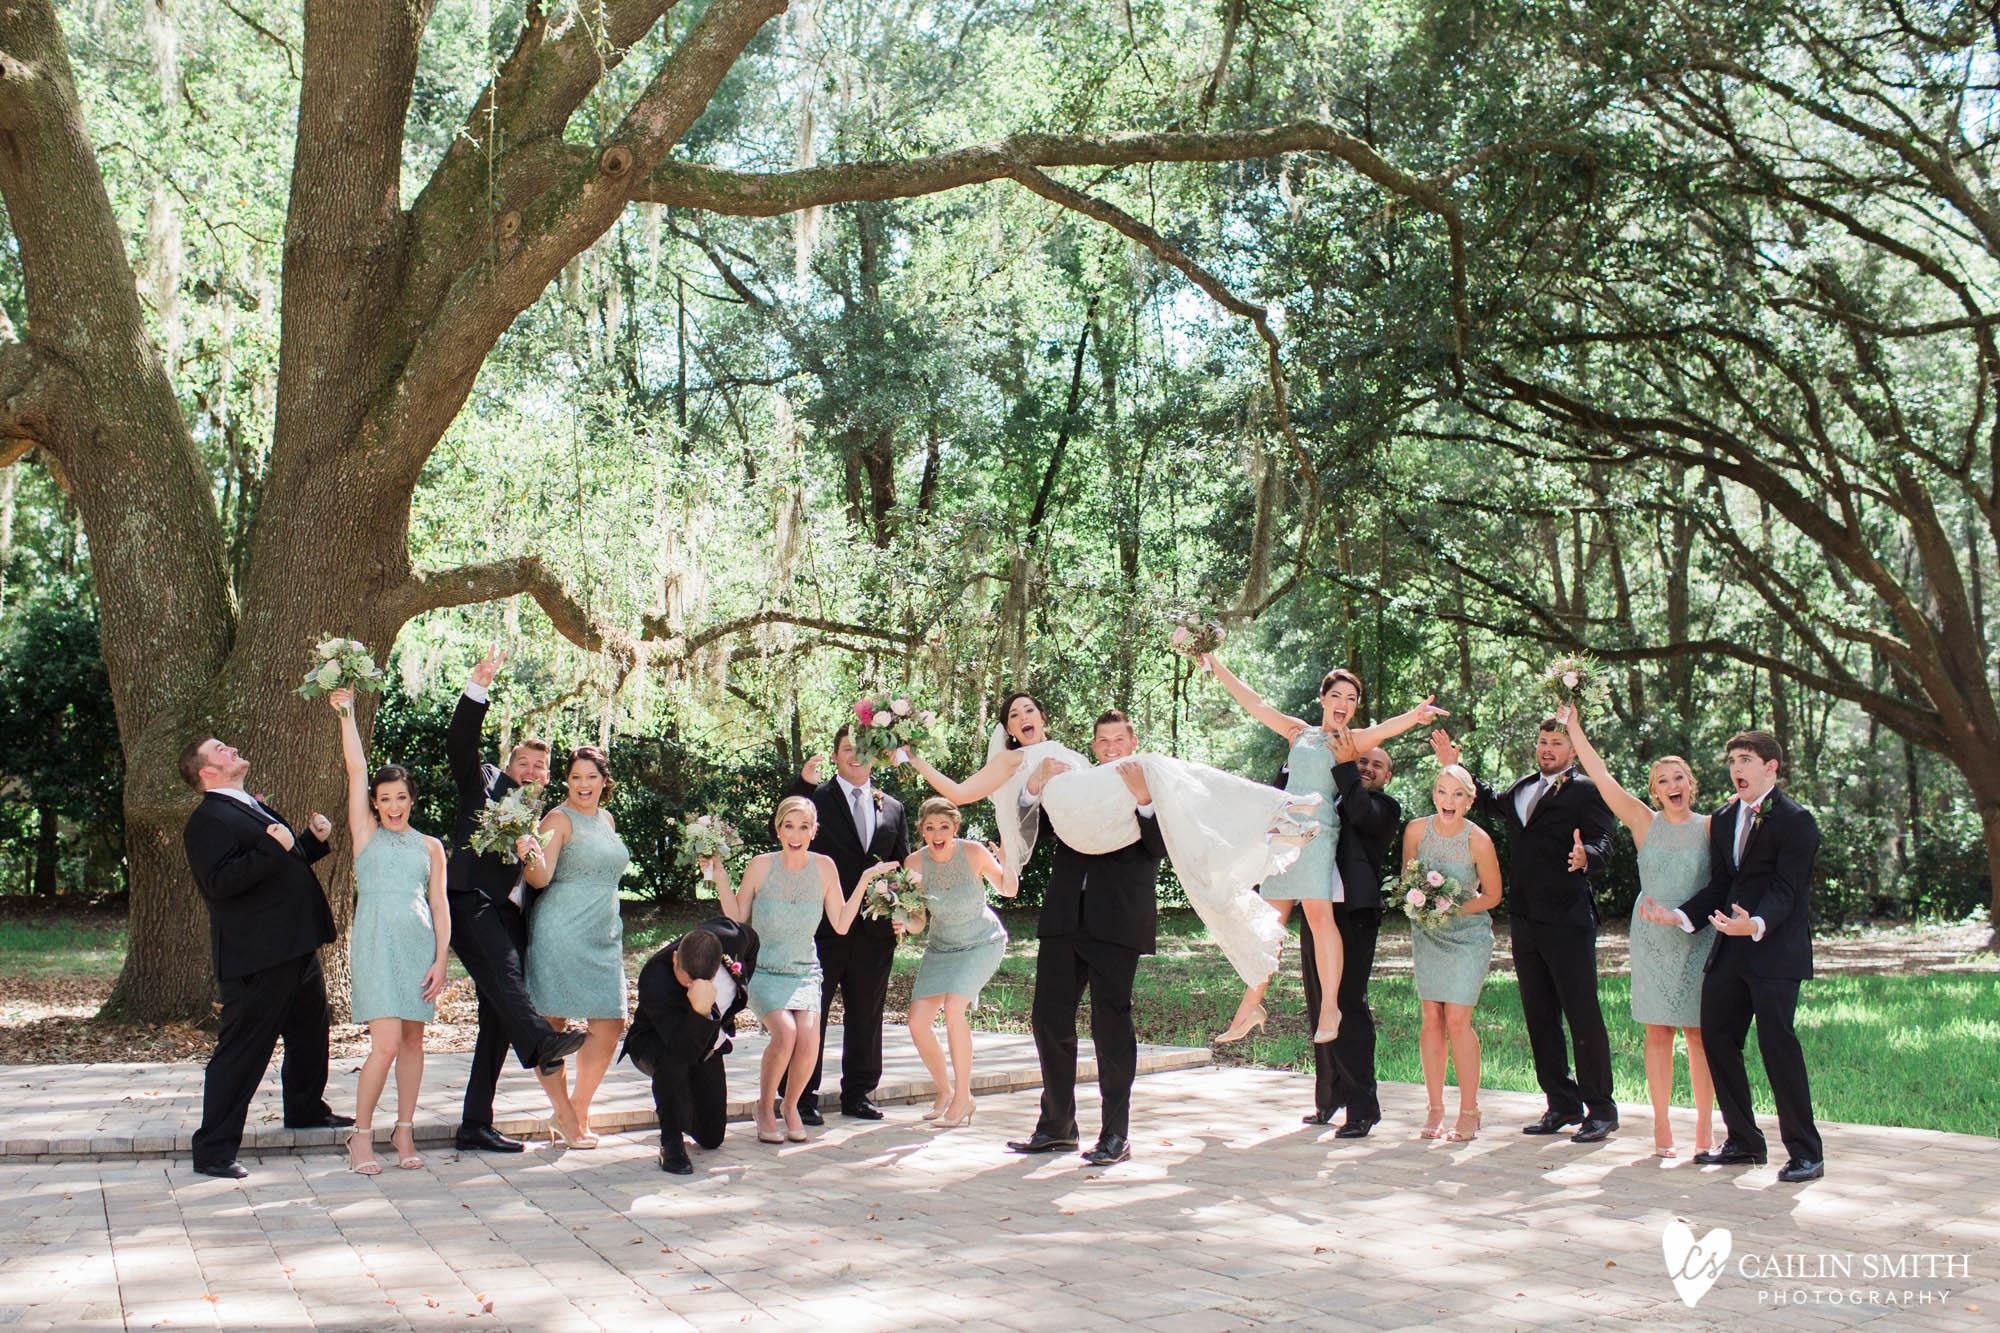 Bethany_Kyle_Bowing_Oaks_Plantation_Wedding_Photography_0052.jpg